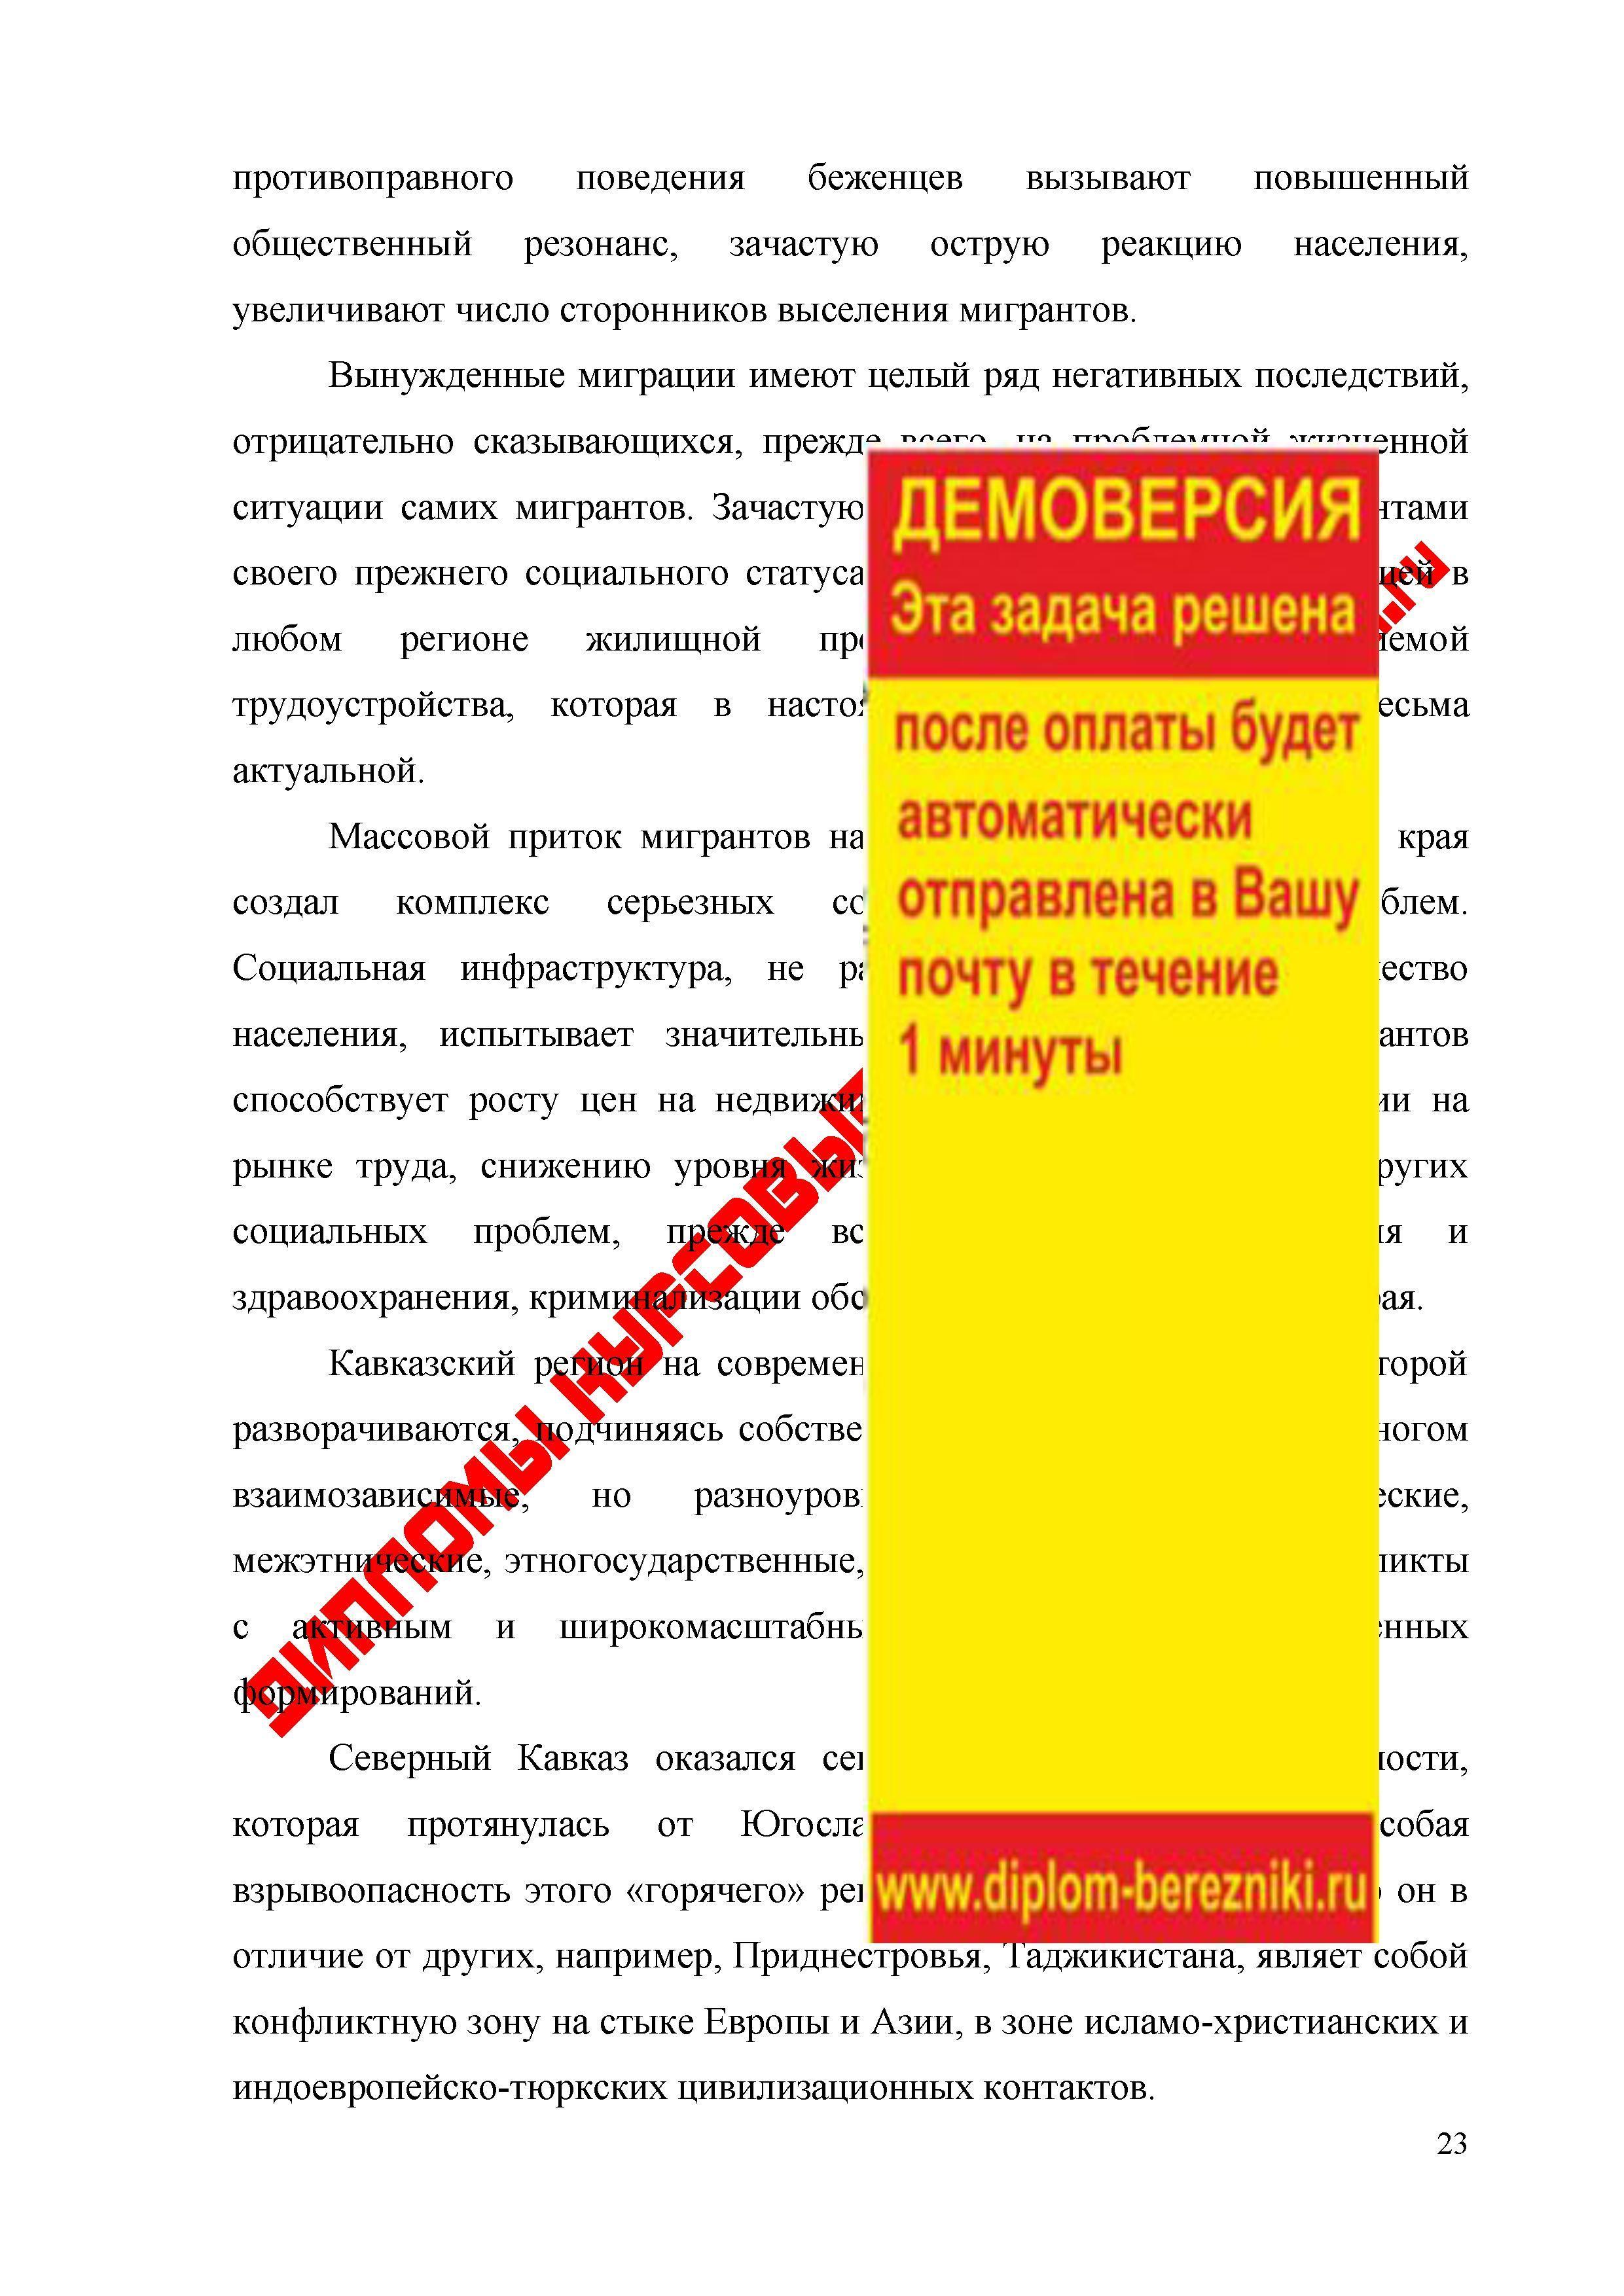 Криминологическая безопасность миграционных процессов в России